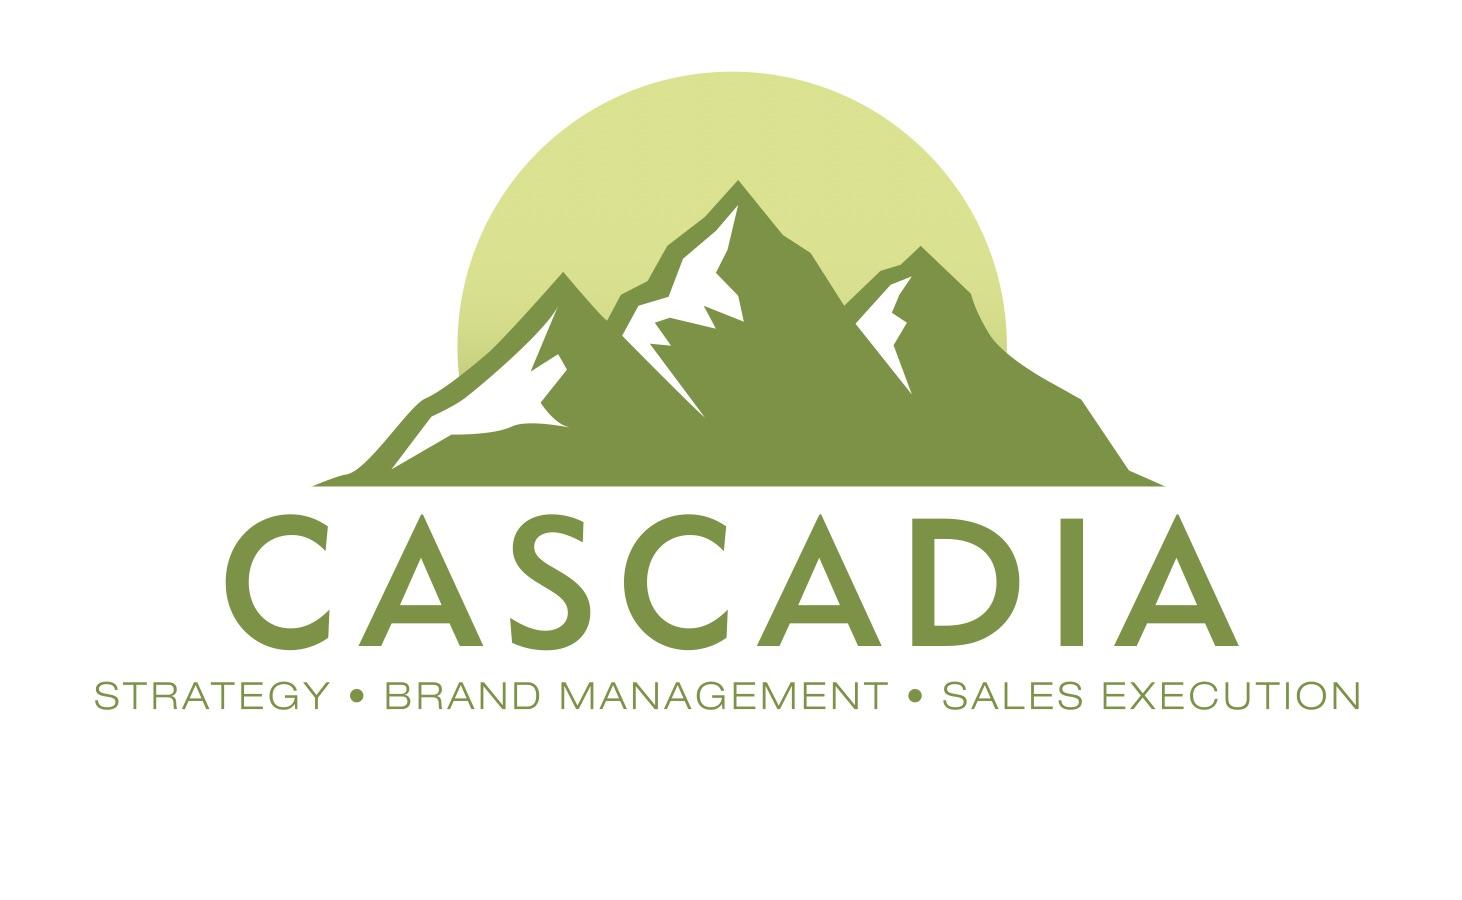 Cascadia Managing Brands - sponsoring BevNET Live Summer 2020